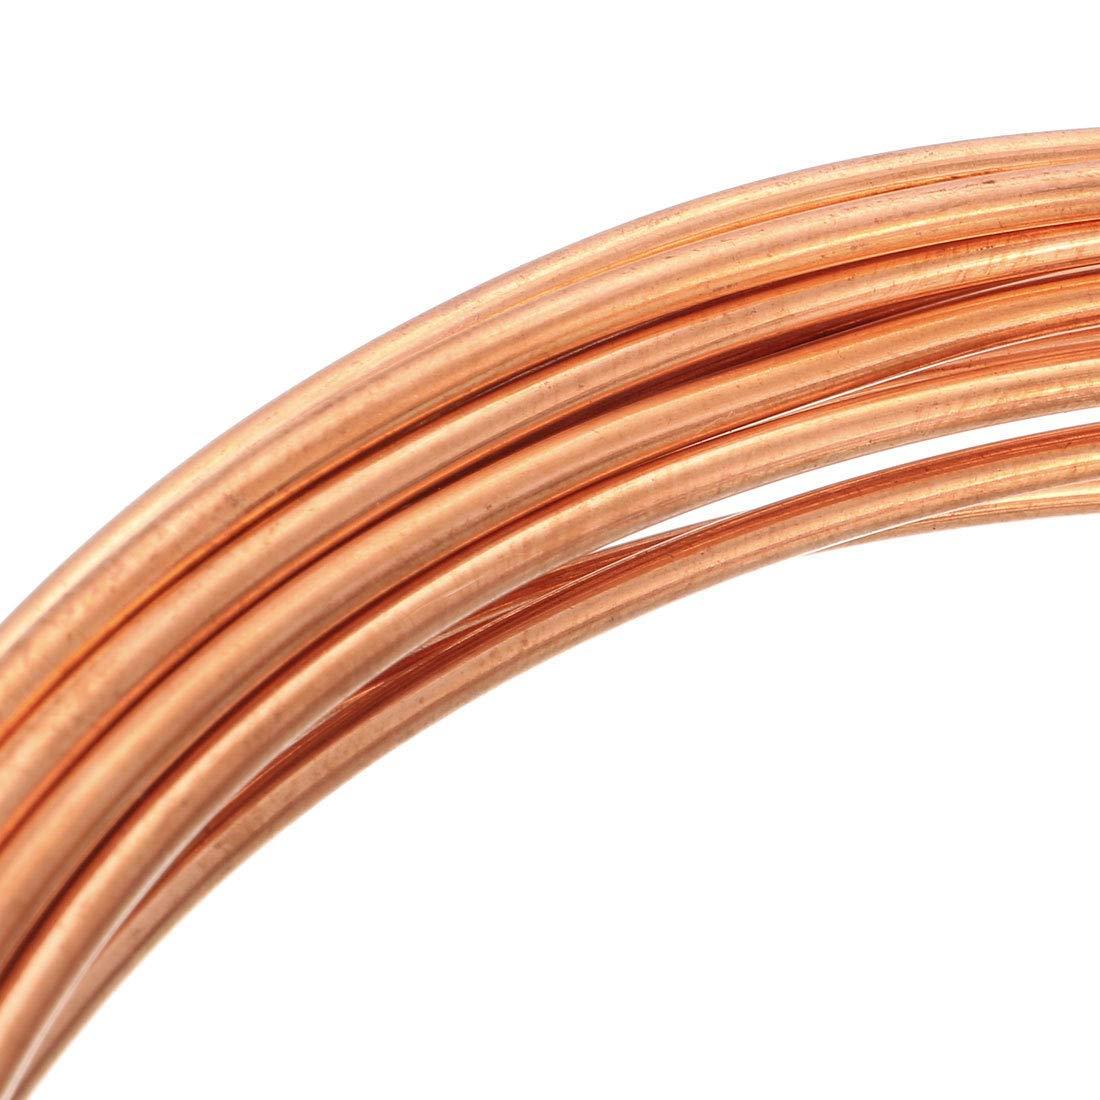 Cooling Tube Soft Coil Copper Tube 5//32Outer Diameter x 1//8 Inner Diameter x 9.8 feet